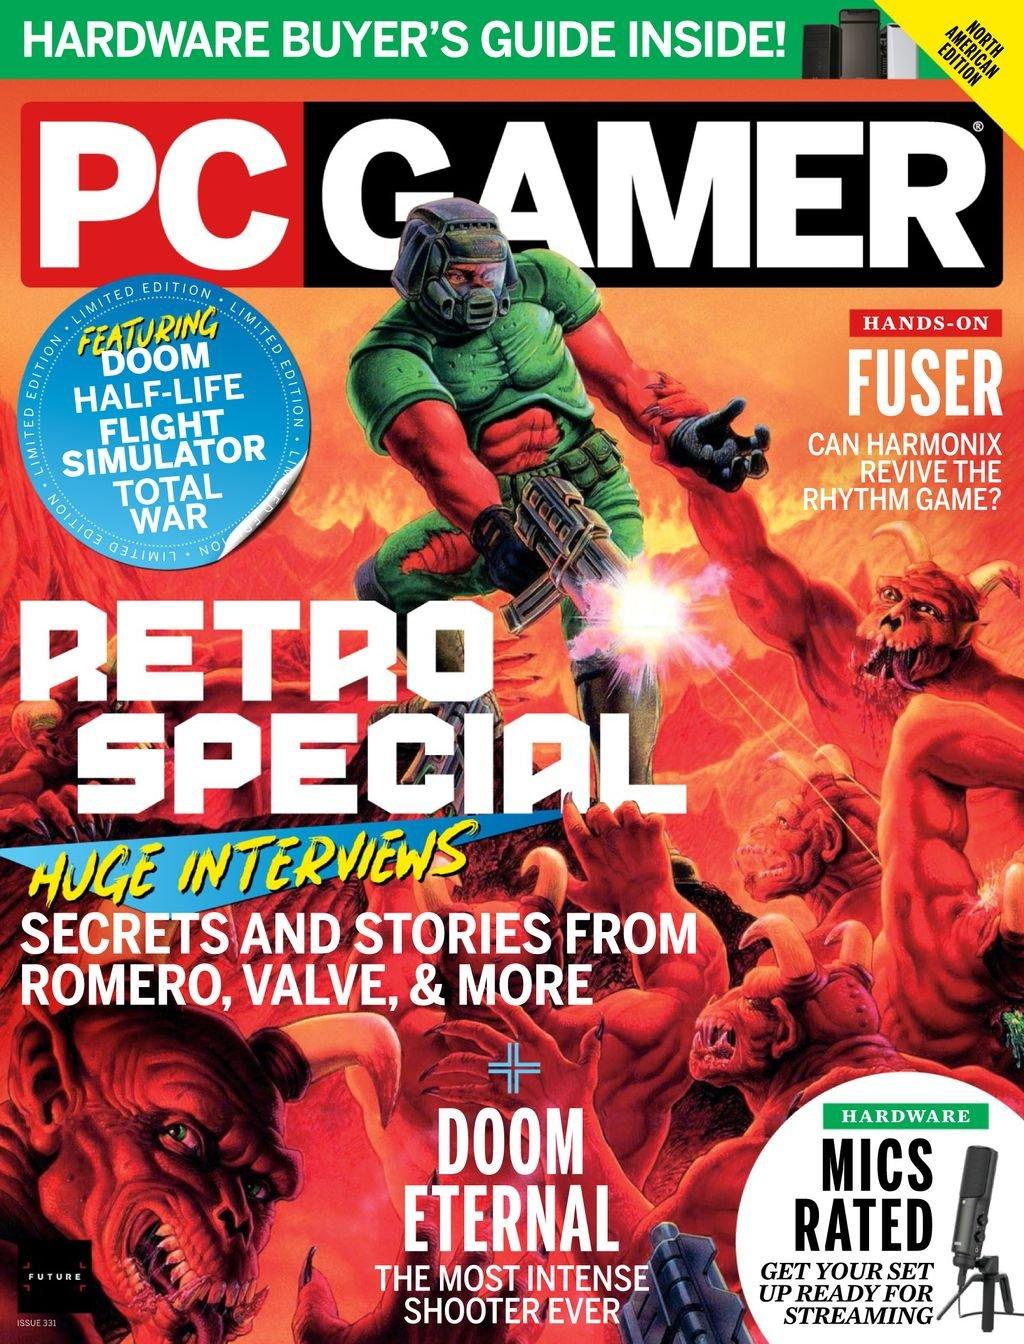 PC Gamer Issue 331 (June 2020)